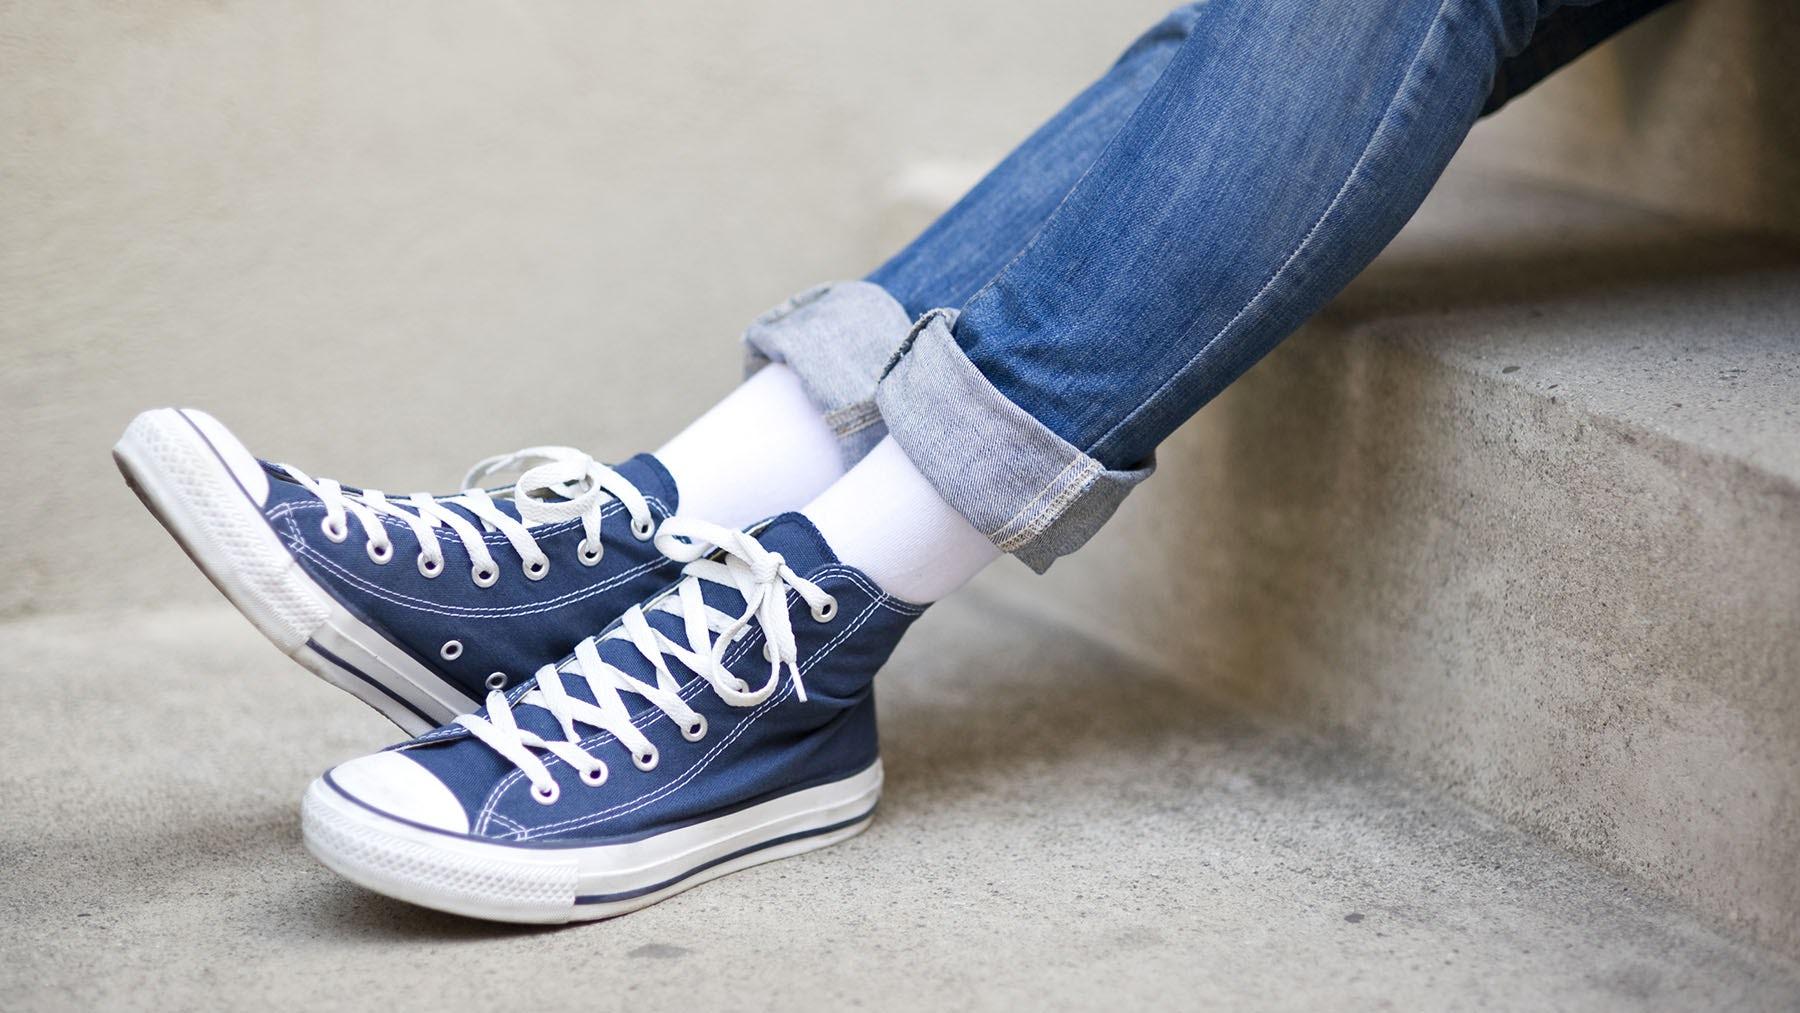 Skinny jeans | Source: Shutterstock